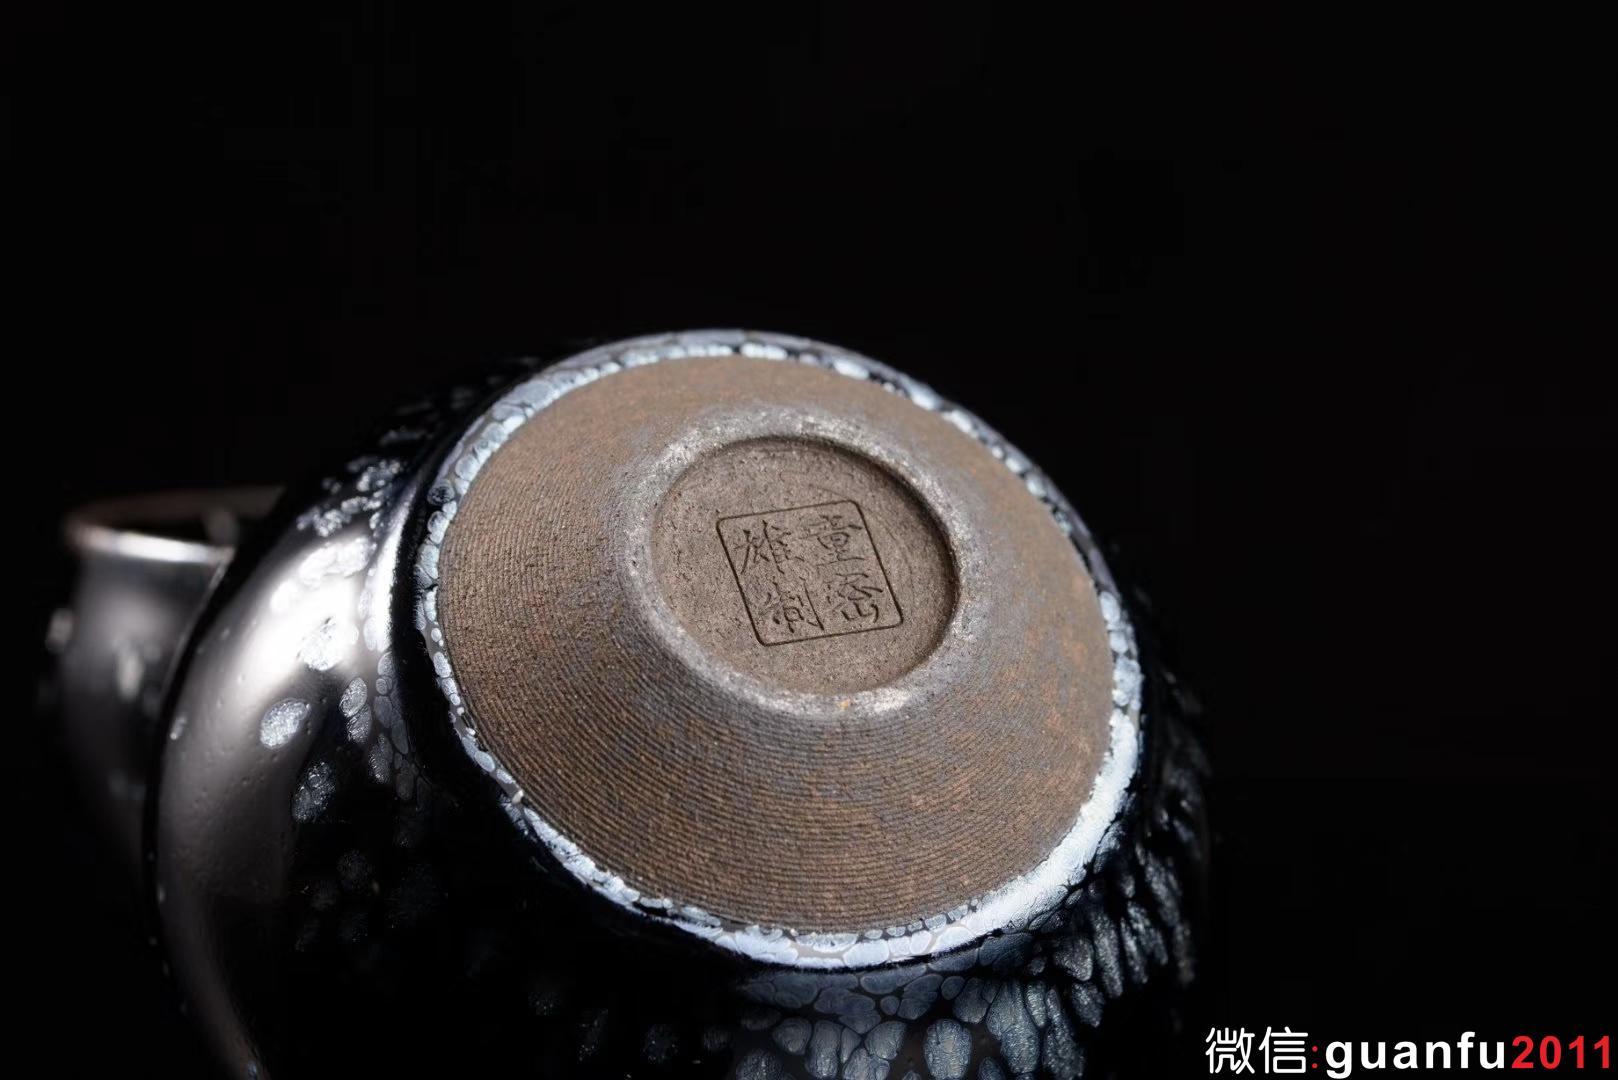 童蜜雄 老师  新品:初心 回馈市场 极致 黑底银滴